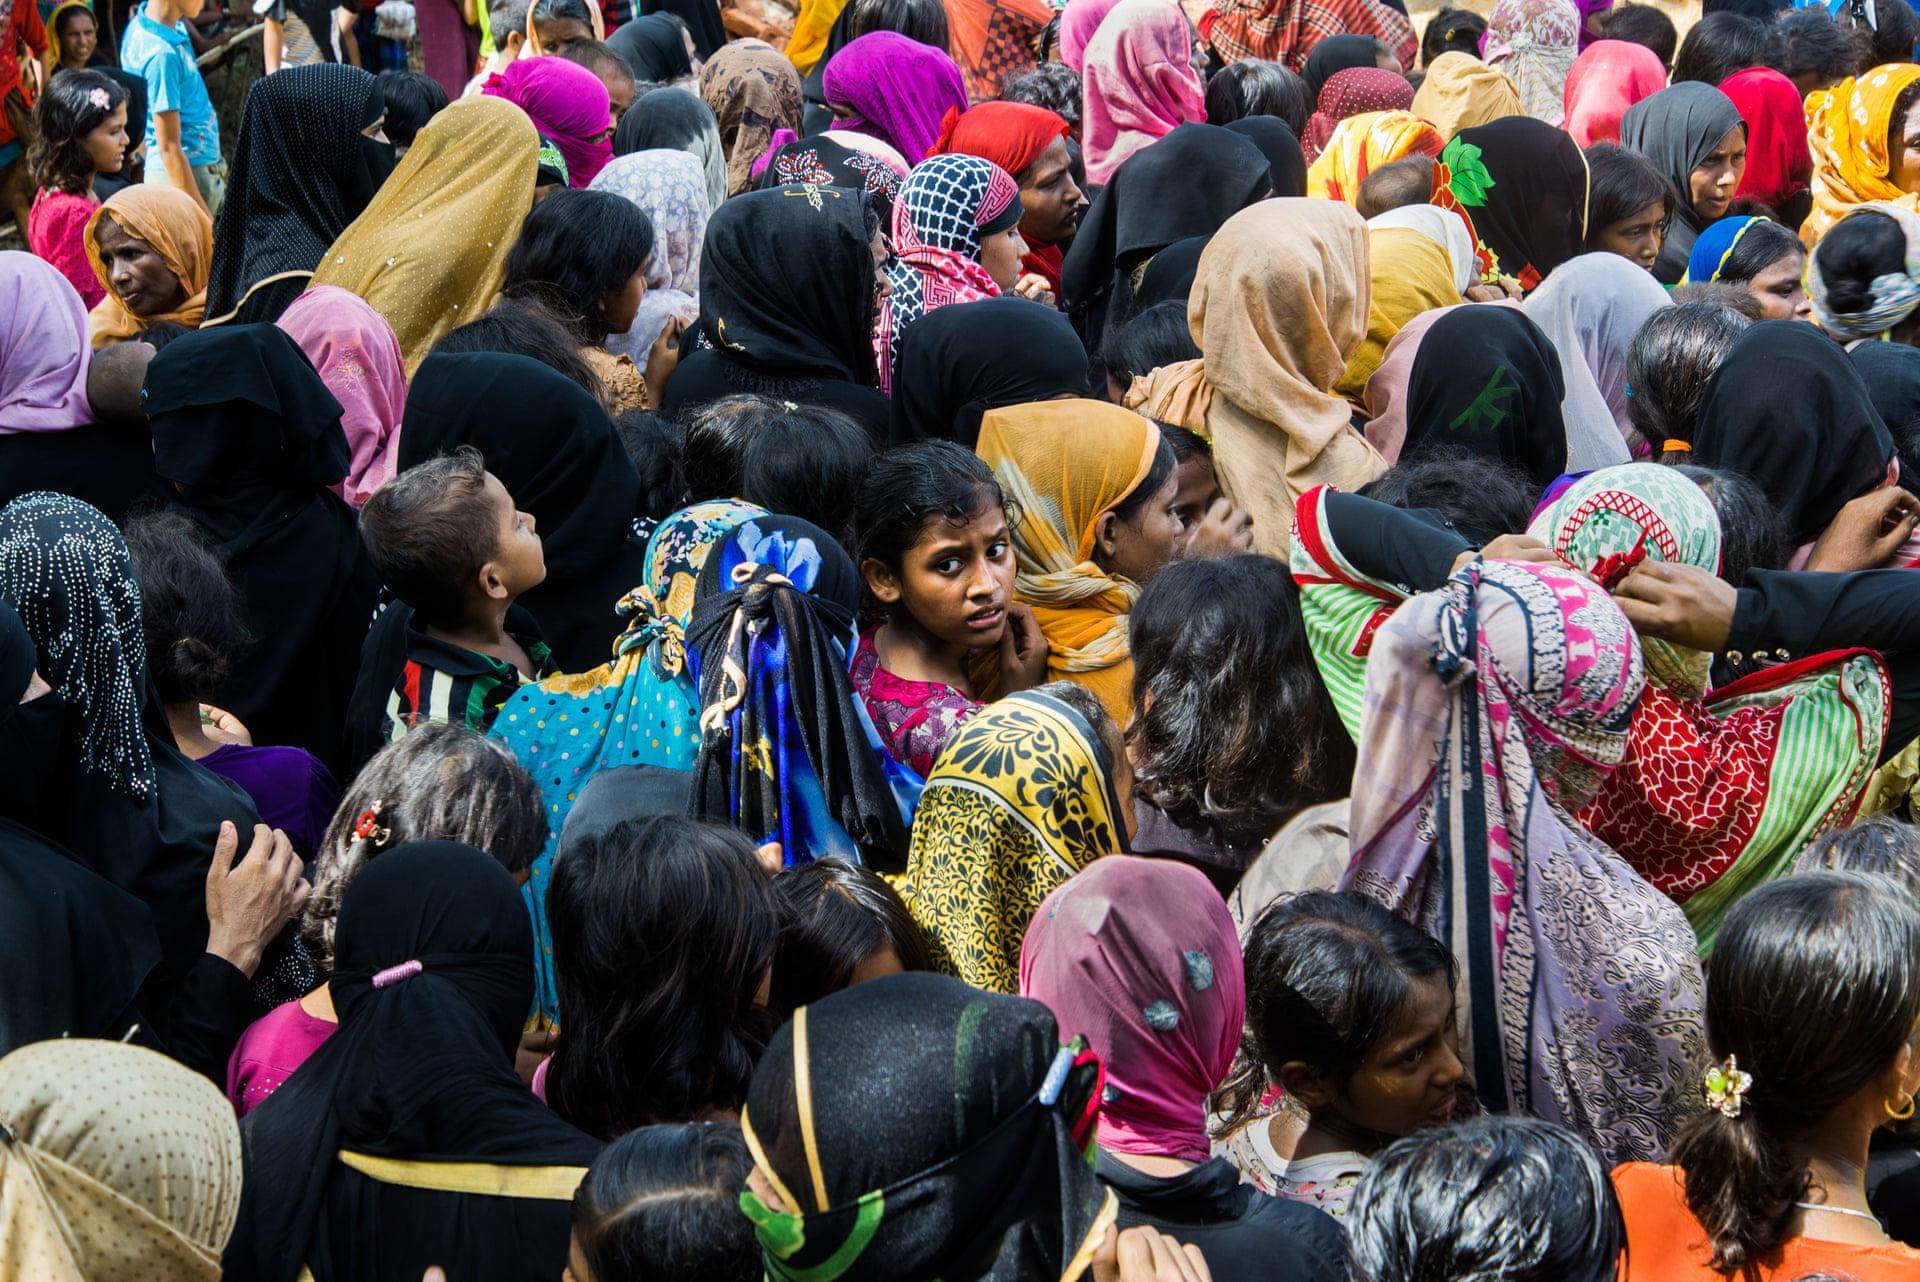 Πρόσφυγες Ροχίνγκια περιμένουν στην ουρά για το φαγητό που μοιράζει ο στρατός. «Η έκφραση της κοπέλας μου τράβηξε την προσοχή καθώς δείχνει την αβεβαιότητα που βιώνει» λέει ο φωτογράφος